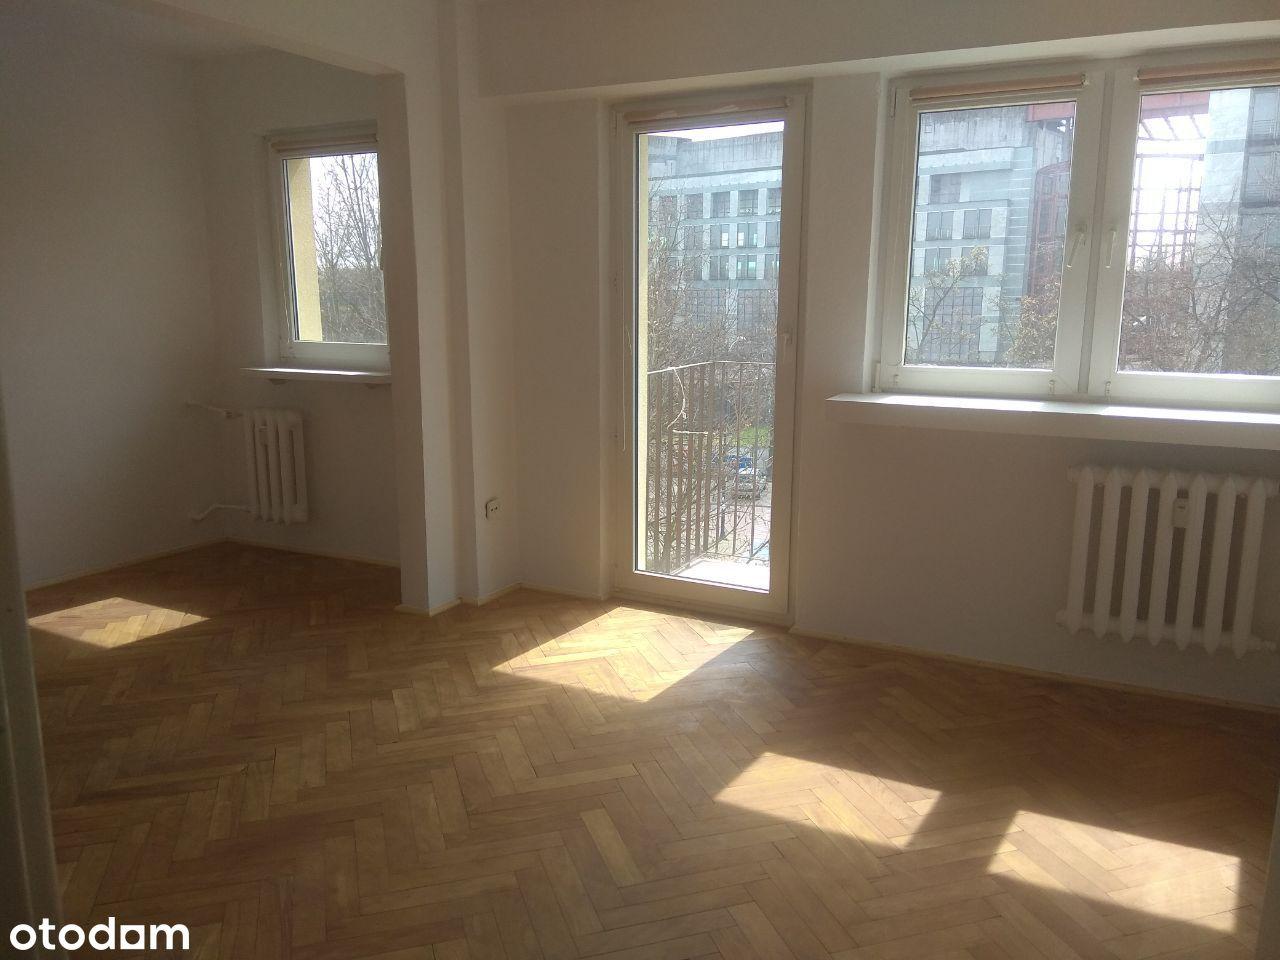 Mieszkanie 3-pokojowe, Bielany / Żoliborz